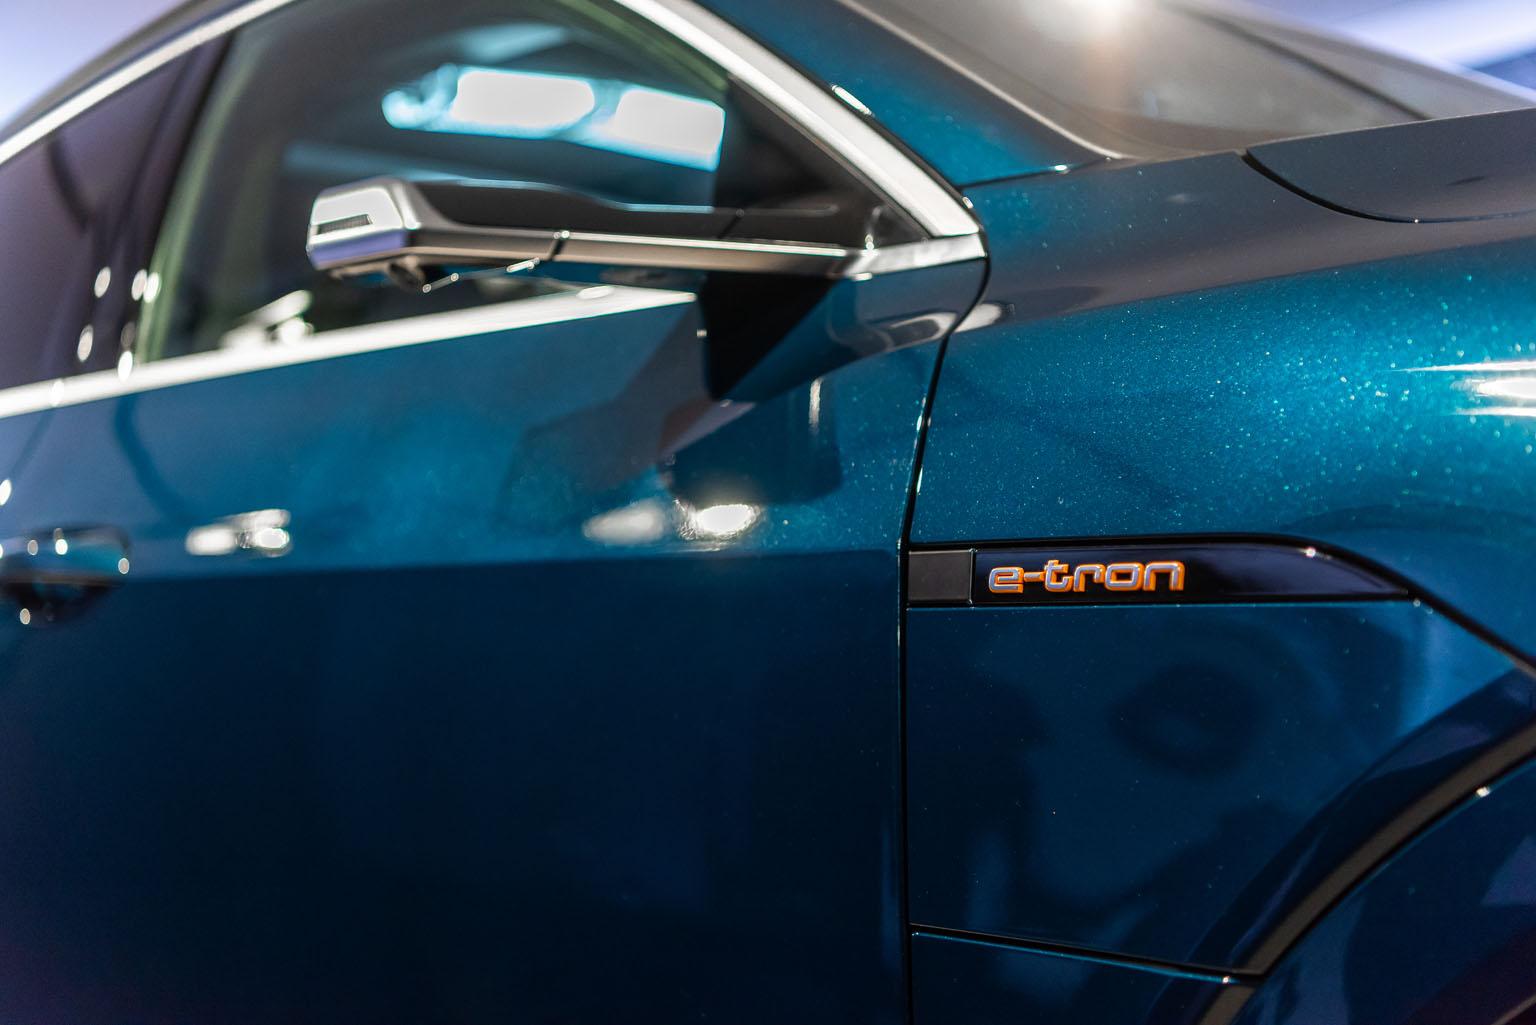 Das sind die Options-Highlights des Audi e-tron: Die virtuellen Seitenspiegel und die doppelten Ladeklappen. (Tom Lüthi)